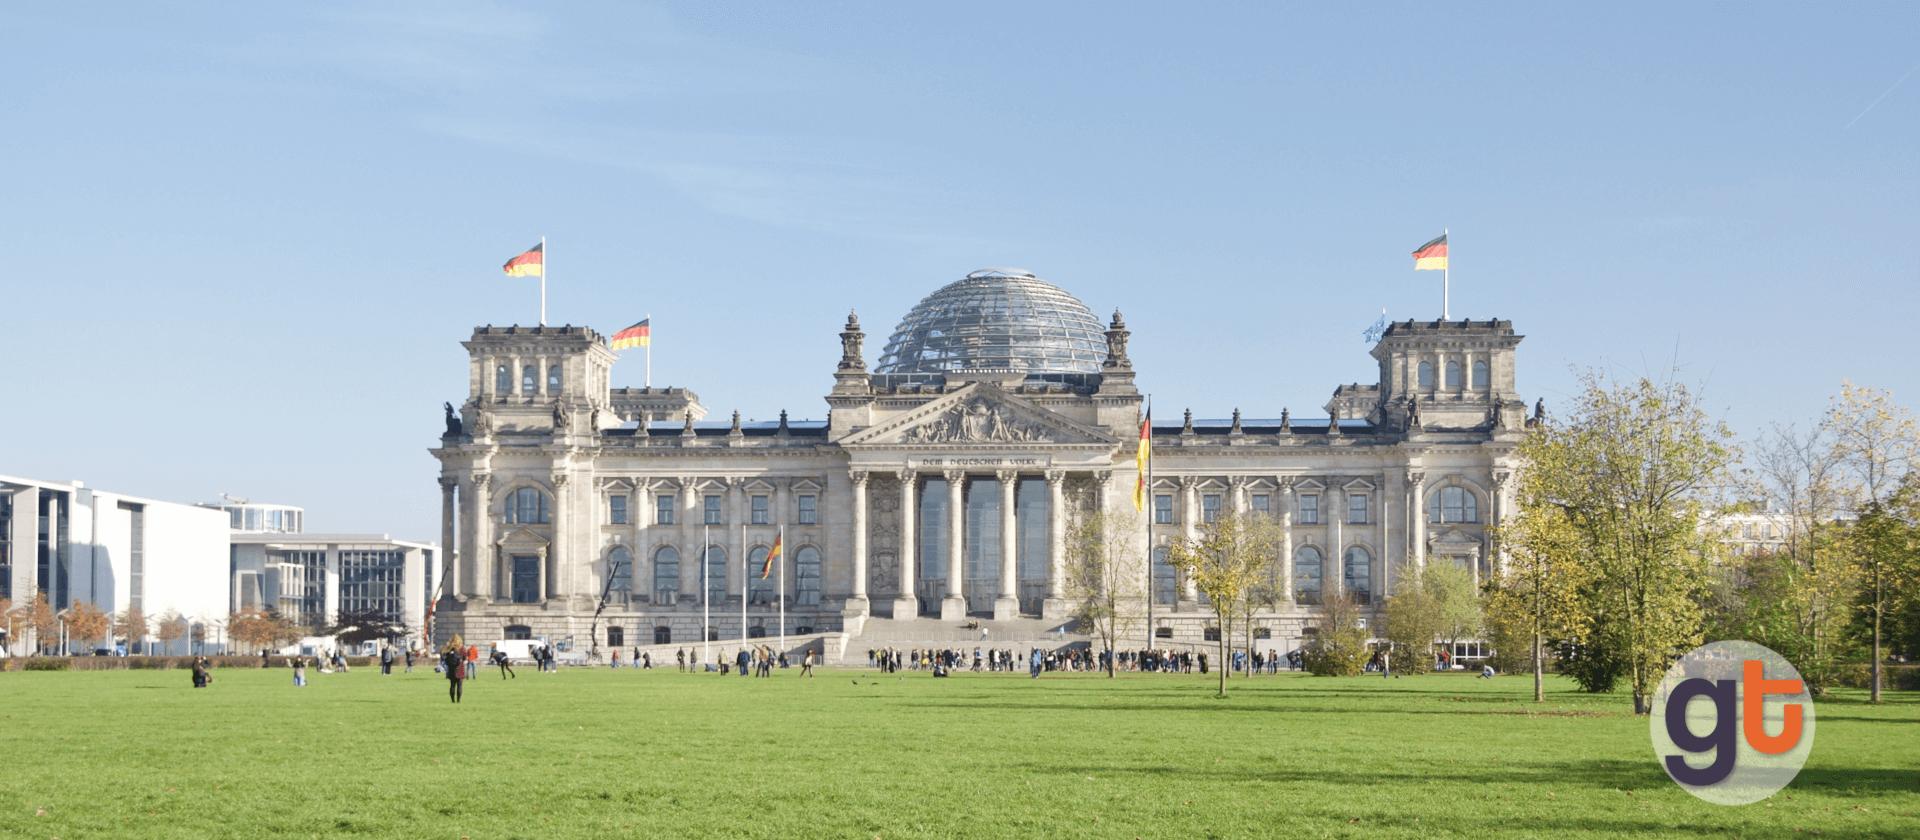 Отмечаем День Победы в Берлине: 8 дней в столице Германии с 04.05.17 по 11.05.17